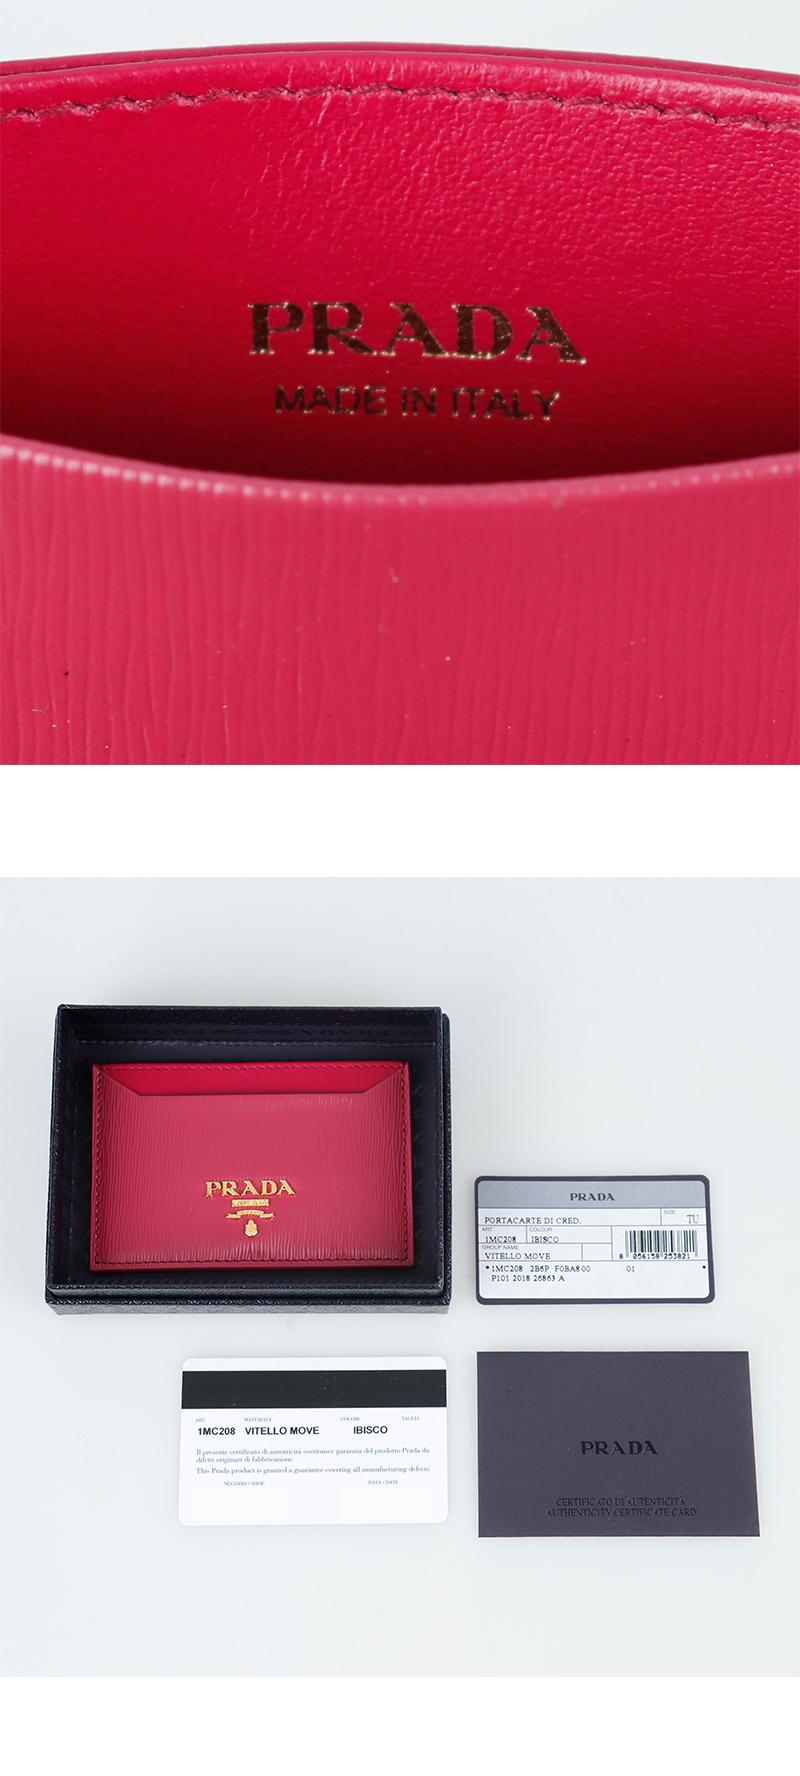 프라다(PRADA) 비텔로 무브 카드지갑 1MC208